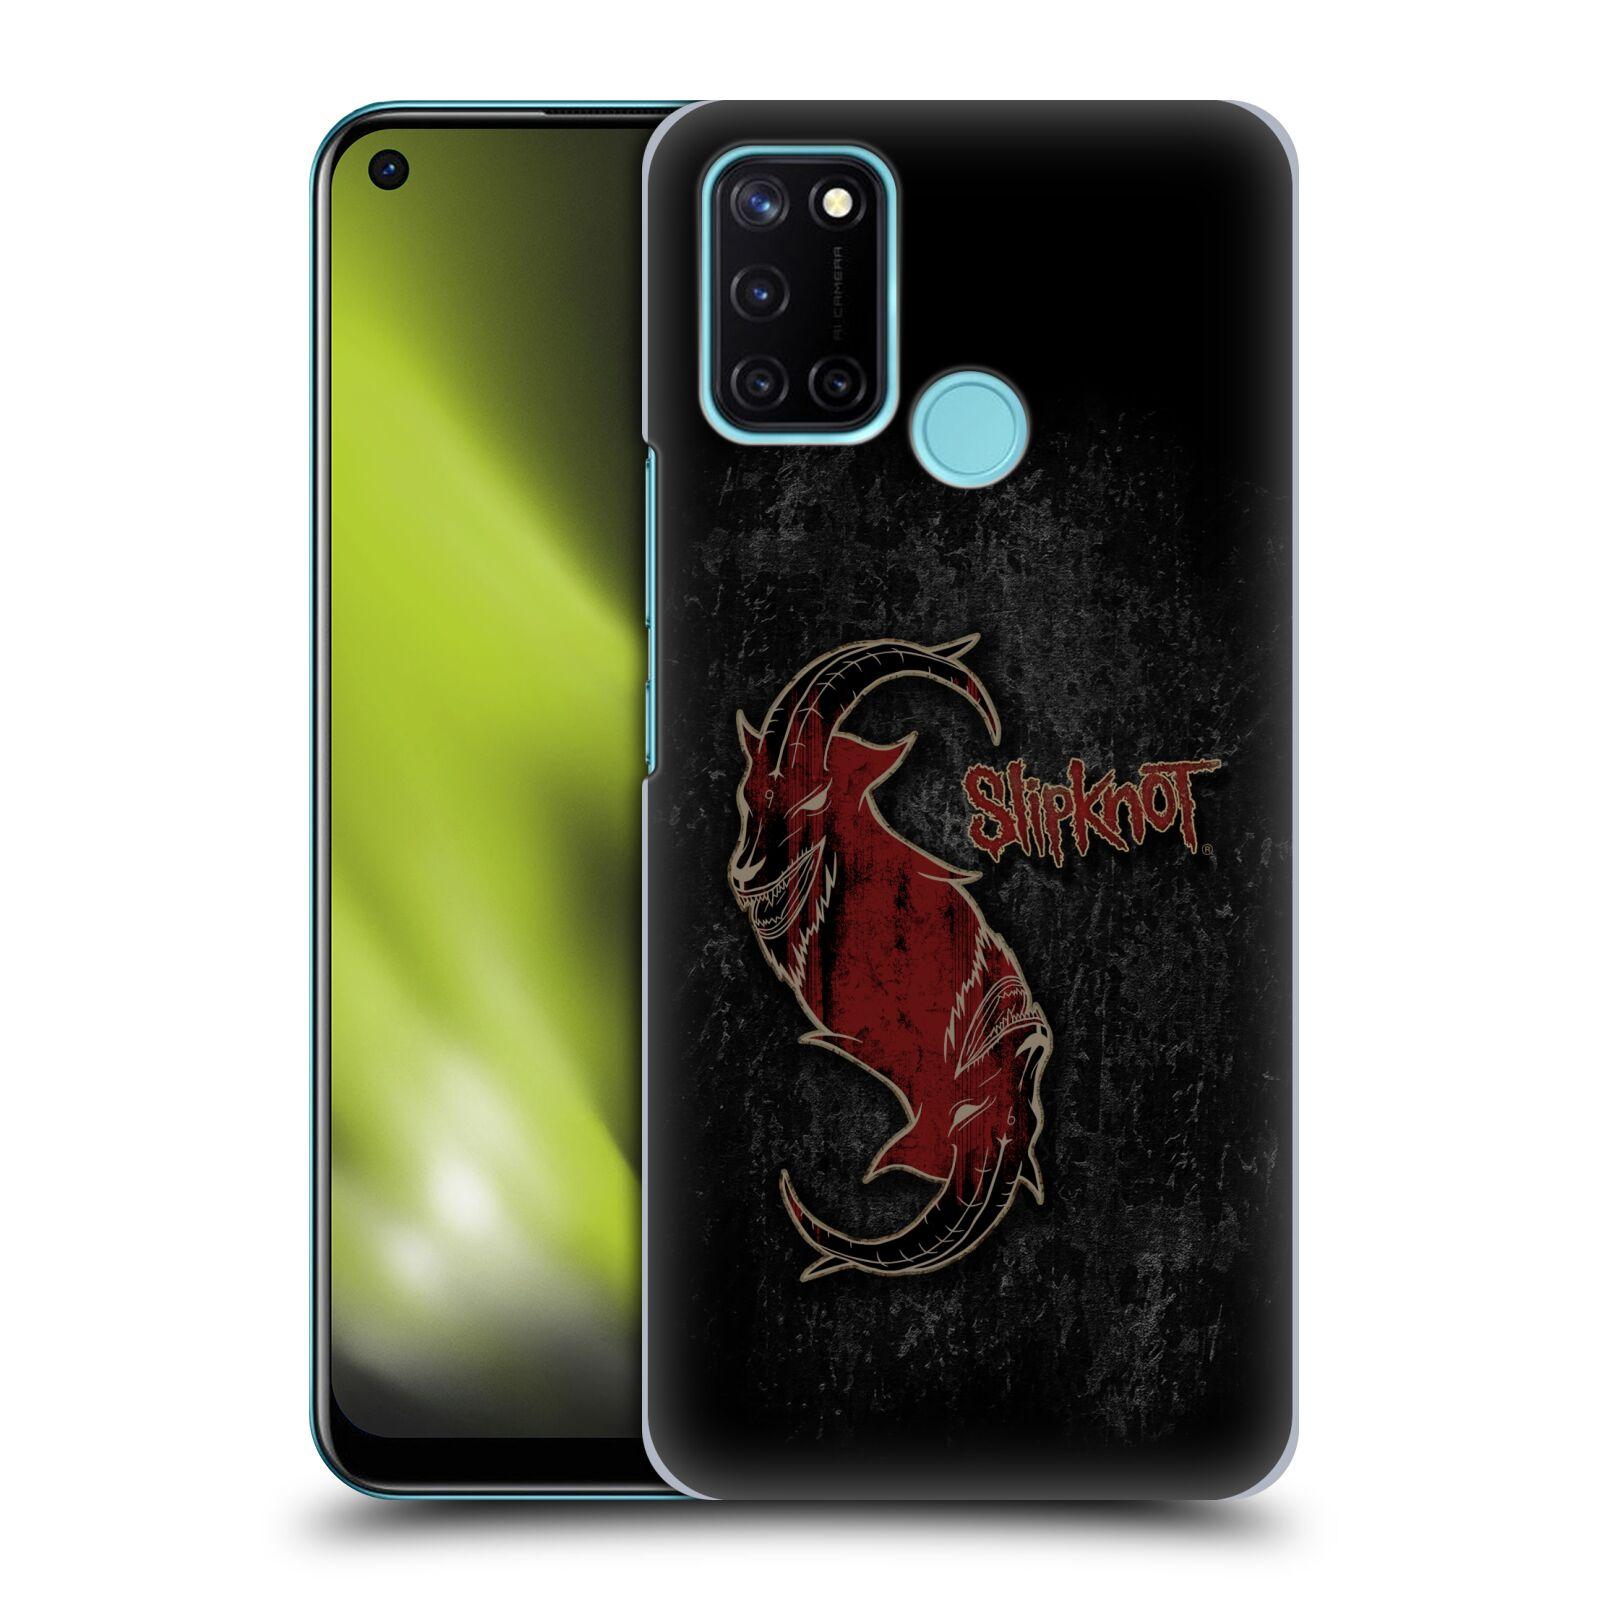 Plastové pouzdro na mobil Realme 7i - Head Case - Slipknot - Rudý kozel